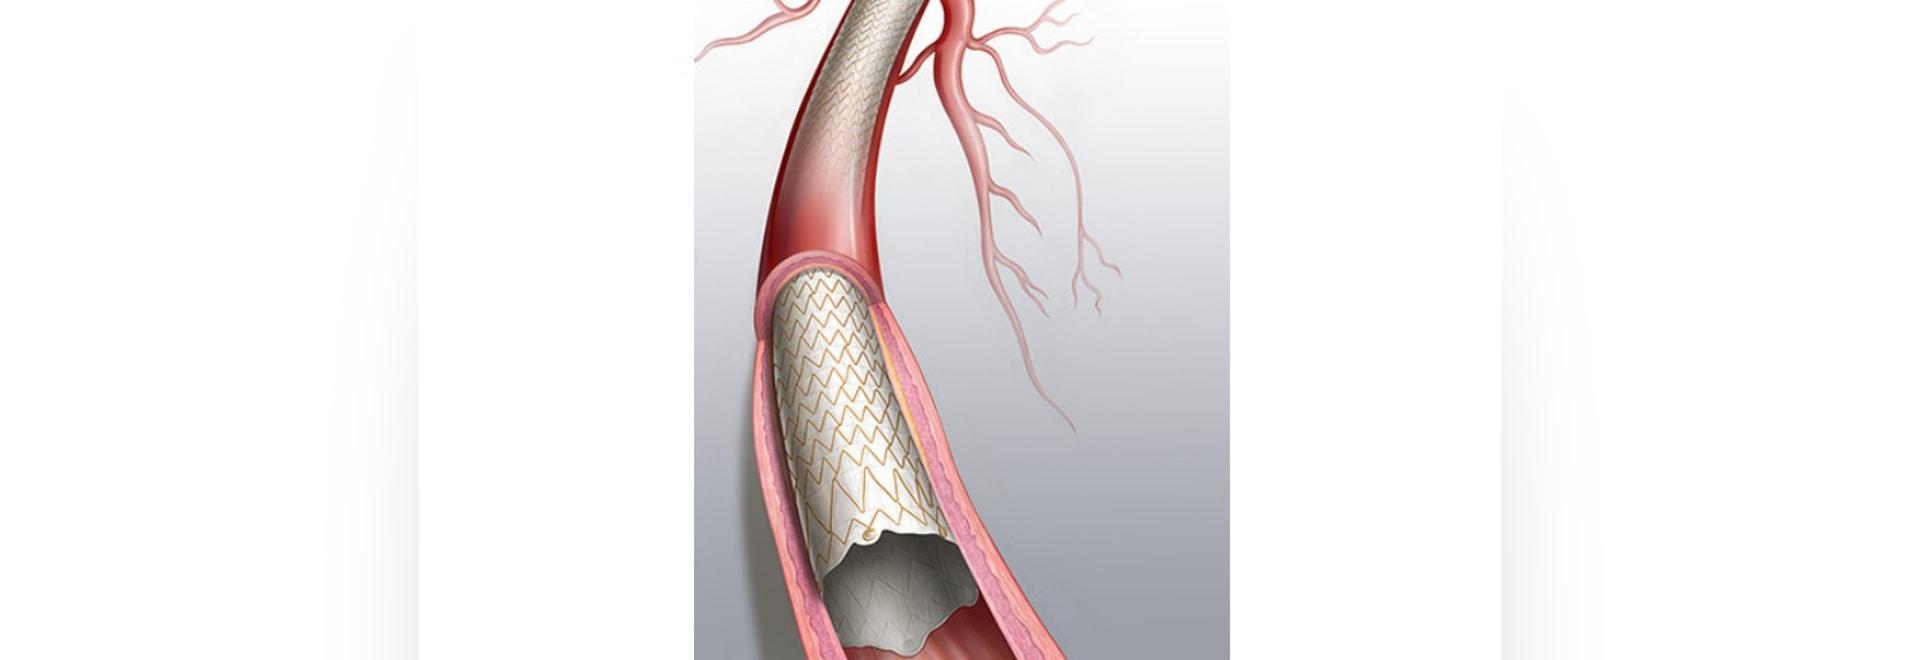 FDA-Zulassung des Covera-gedeckten Stents für Patienten mit Nierenerkrankungen im Endstadium der Hämodialyse vor dem Inverkehrbringen durch die FDA